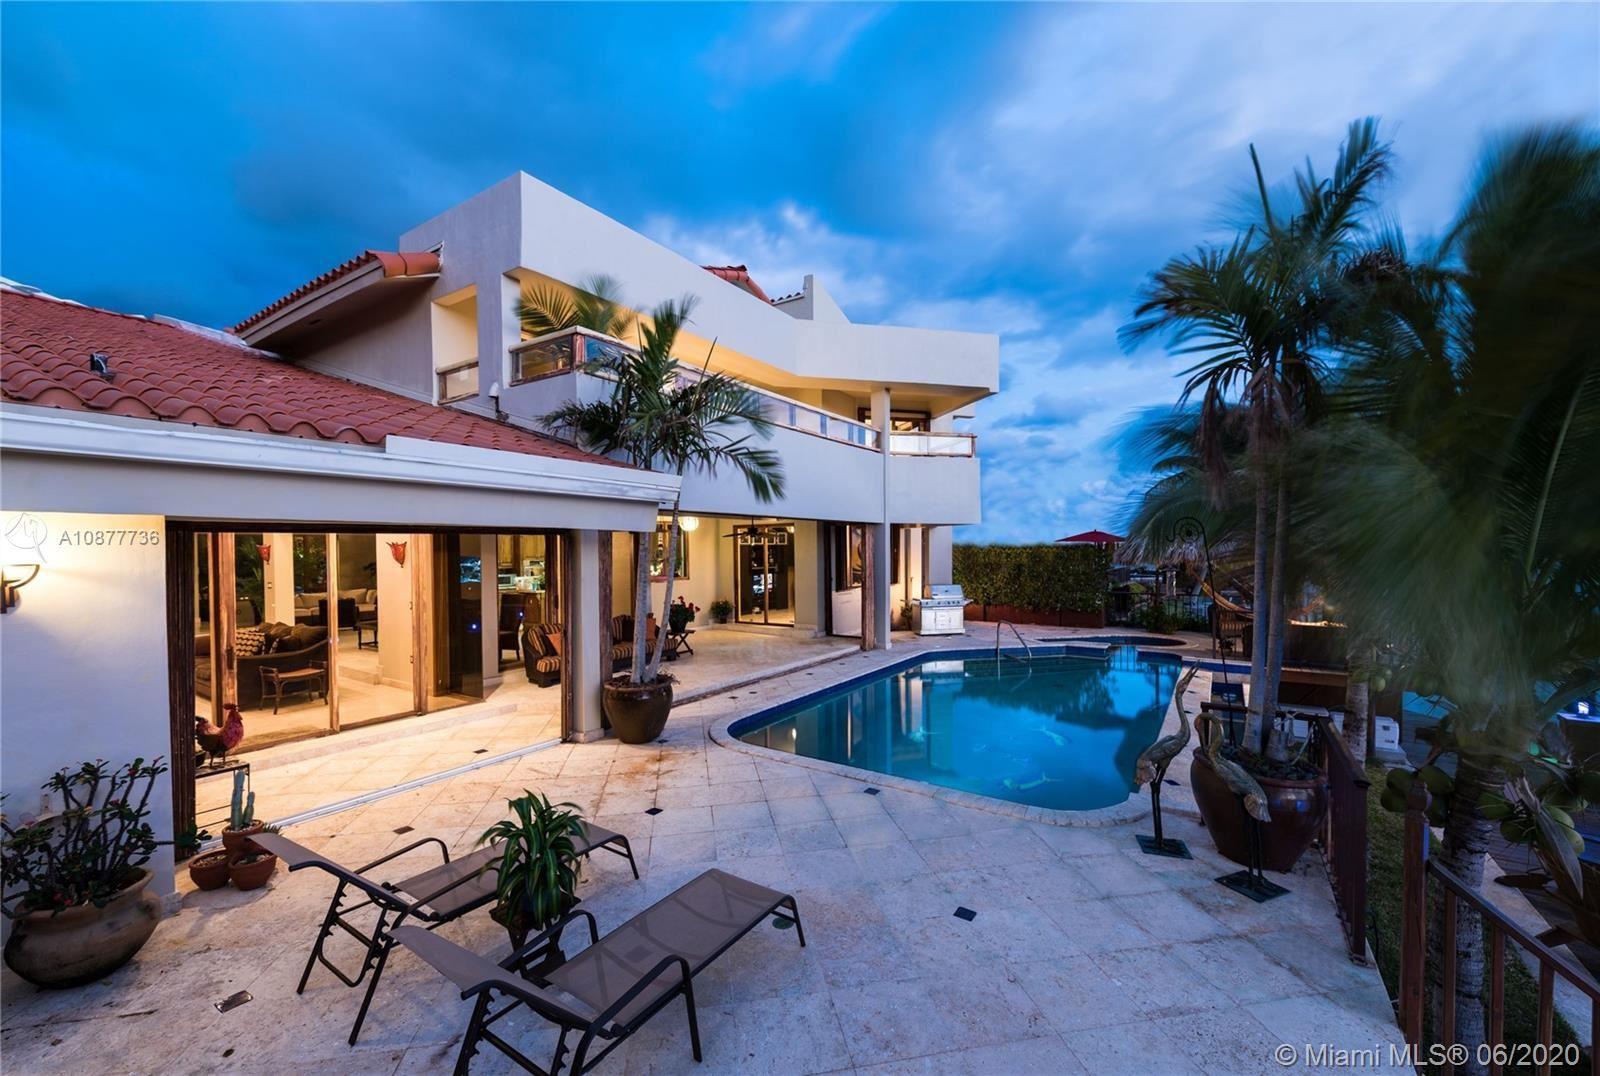 2076 NE 121 Rd, North Miami, FL 33181 - #: A10877736